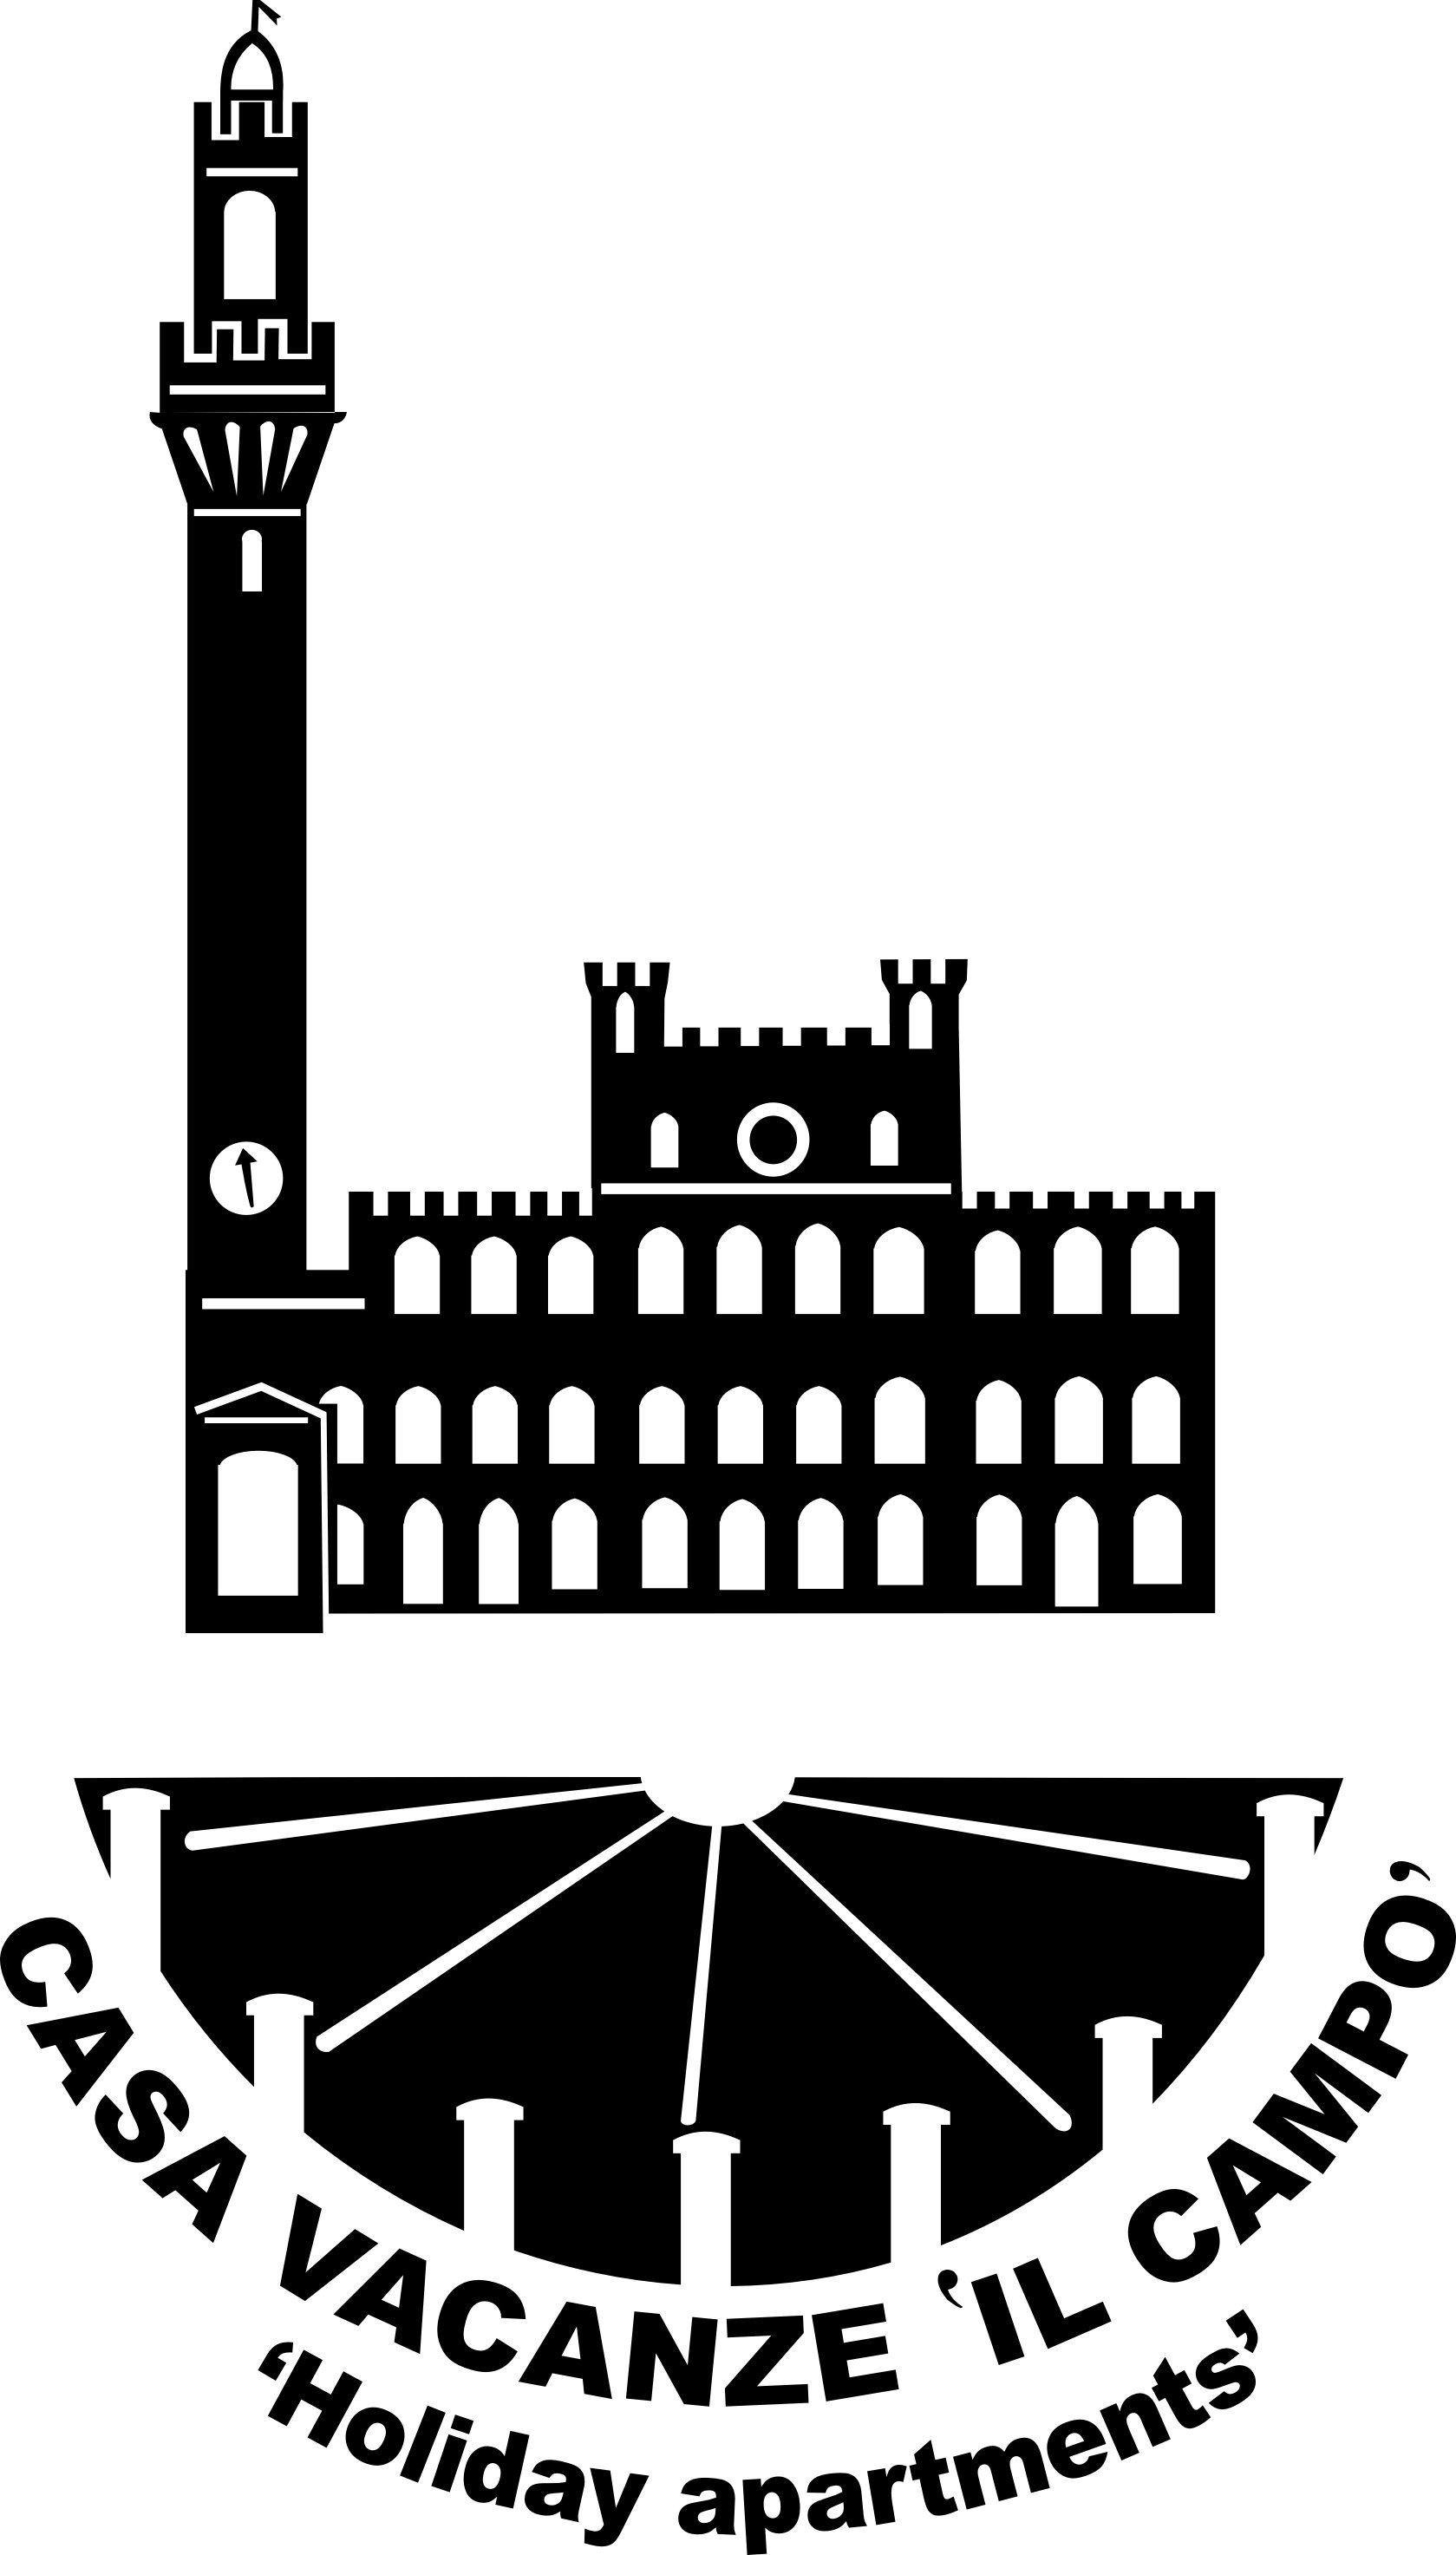 CASA VACANZE IL CAMPO- logo